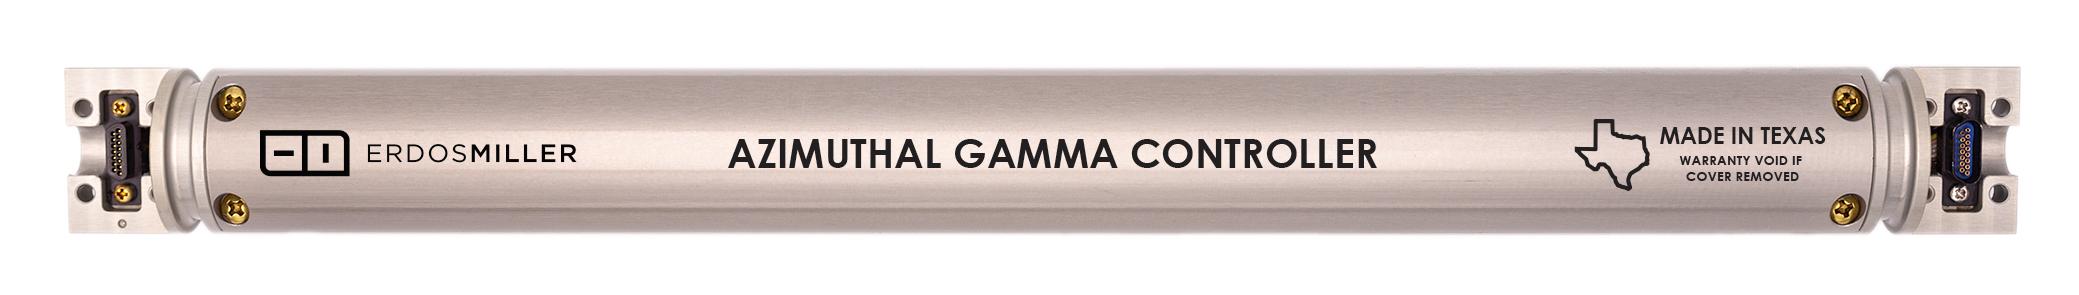 Azimuthal-Gamma-Controller_ErdosMiller